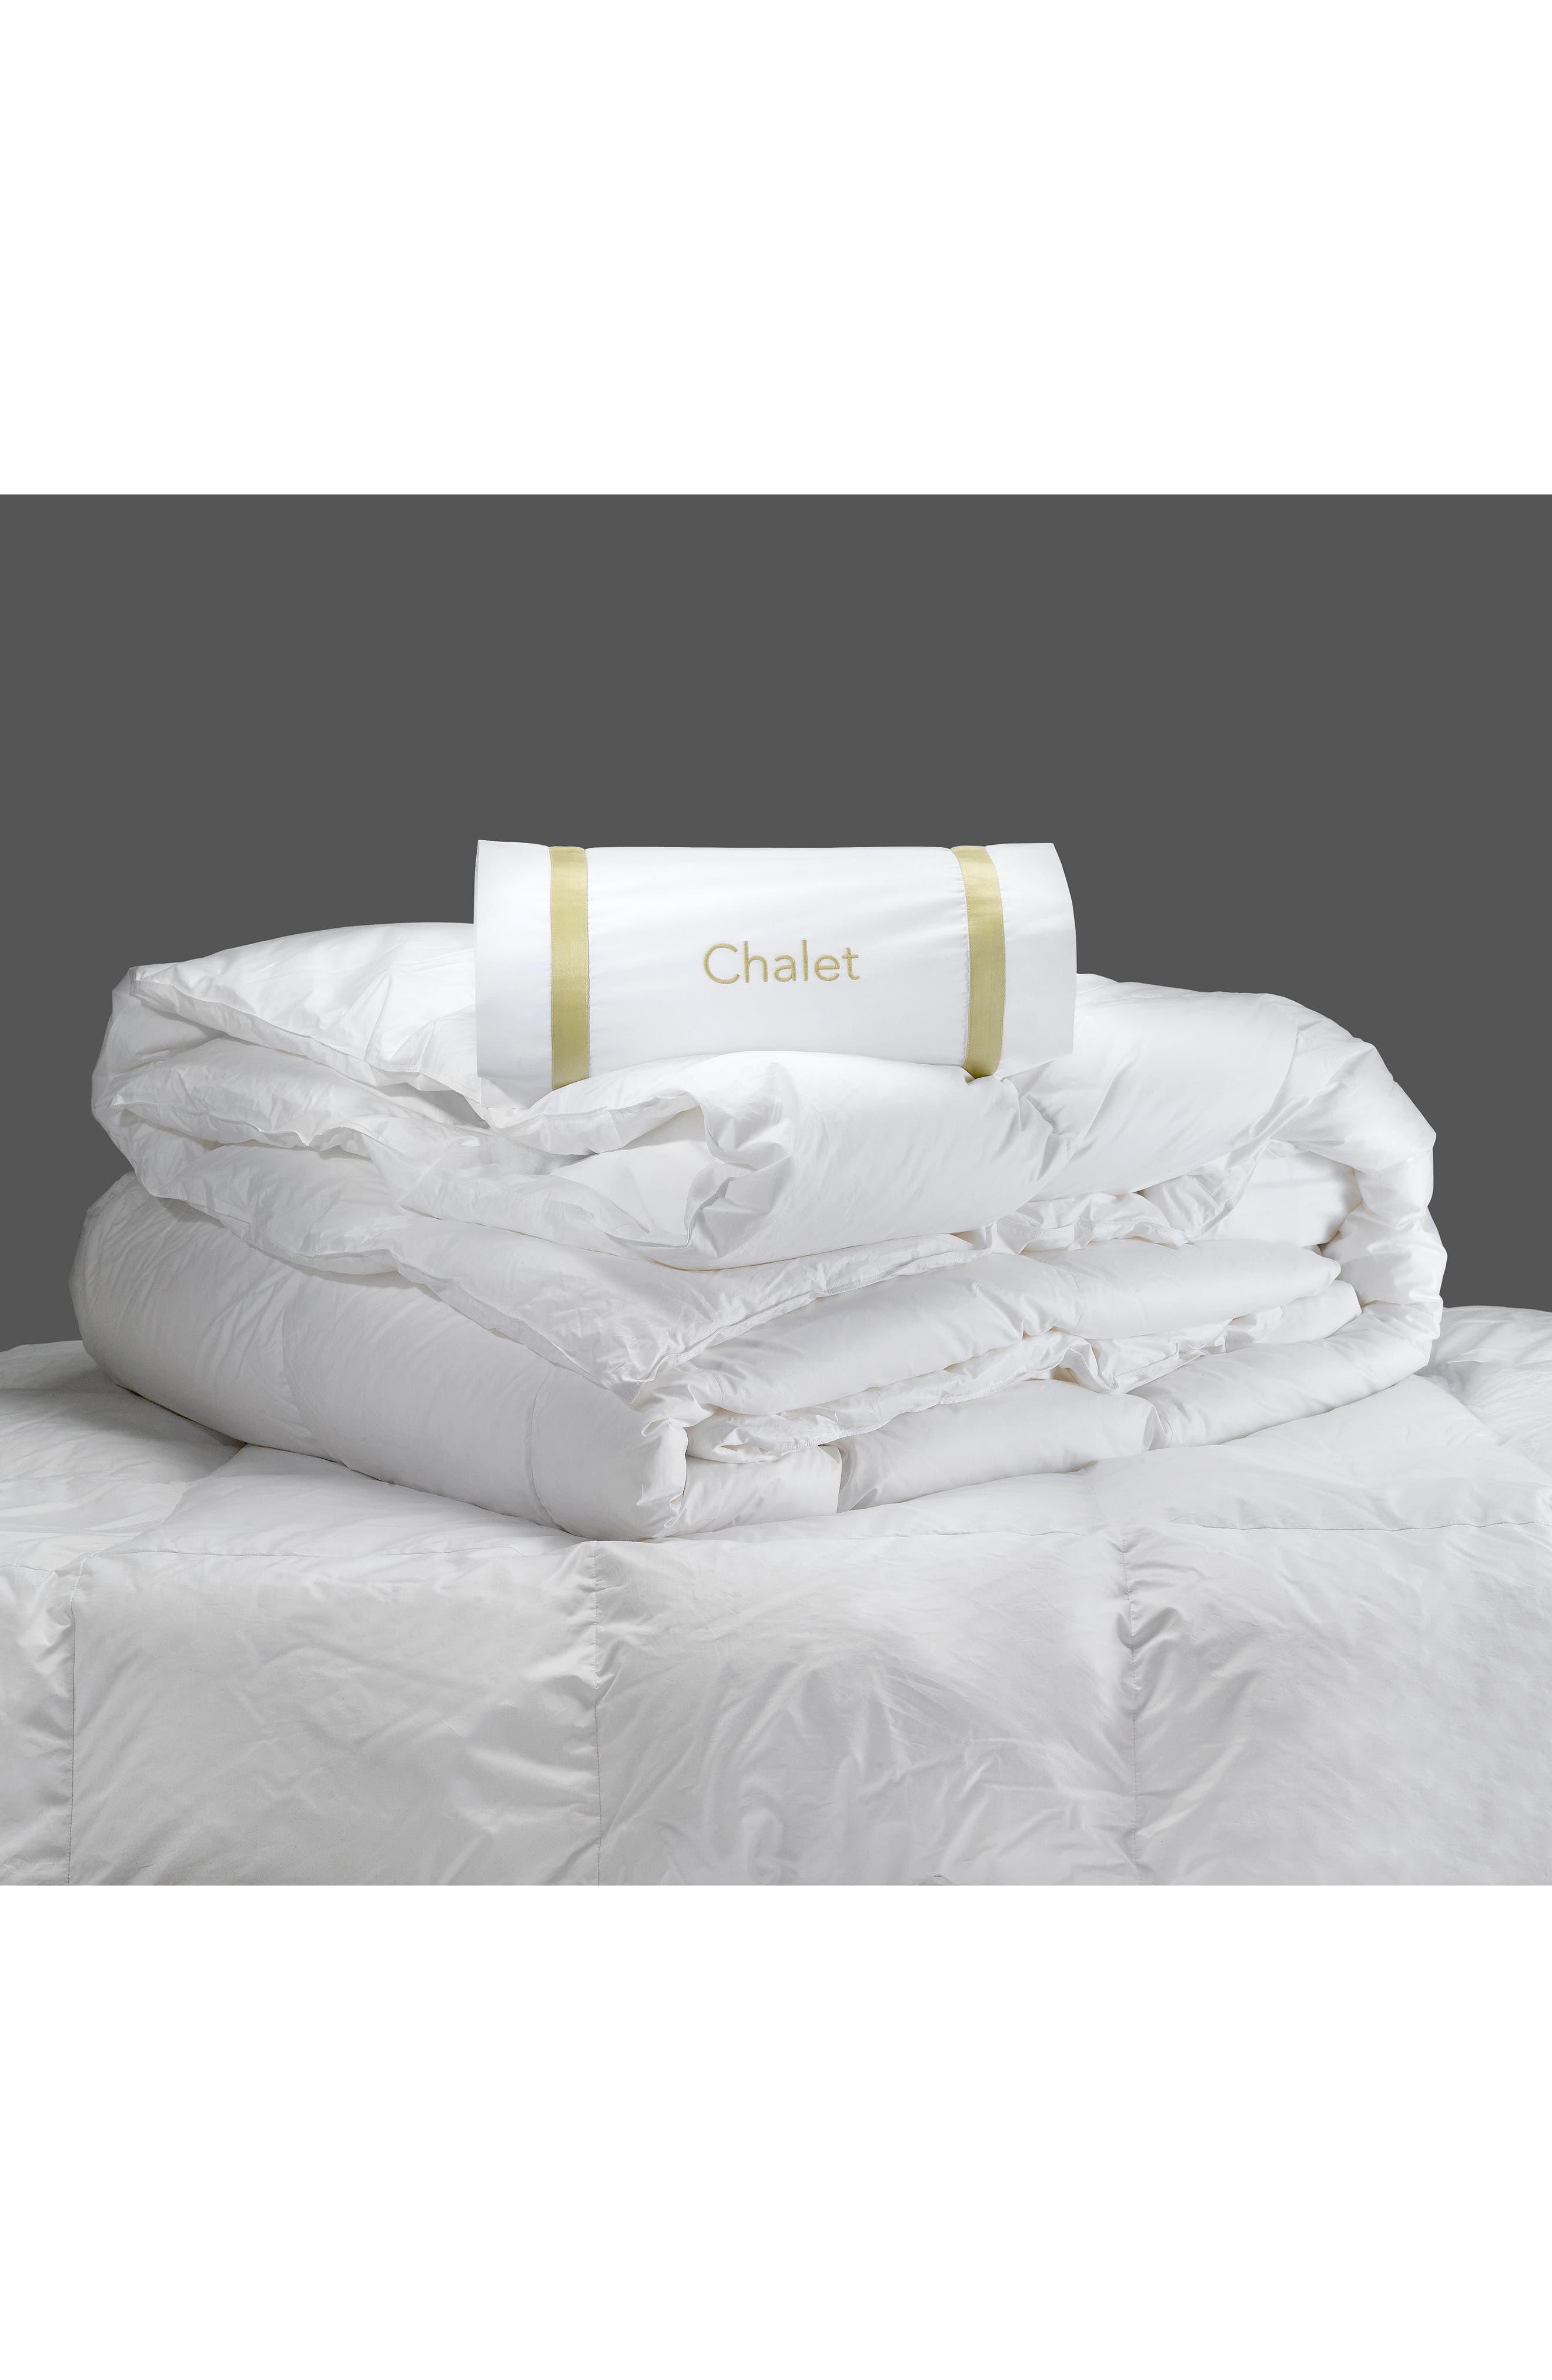 Chalet 800 Fill Power All Season Down Comforter,                             Alternate thumbnail 2, color,                             White